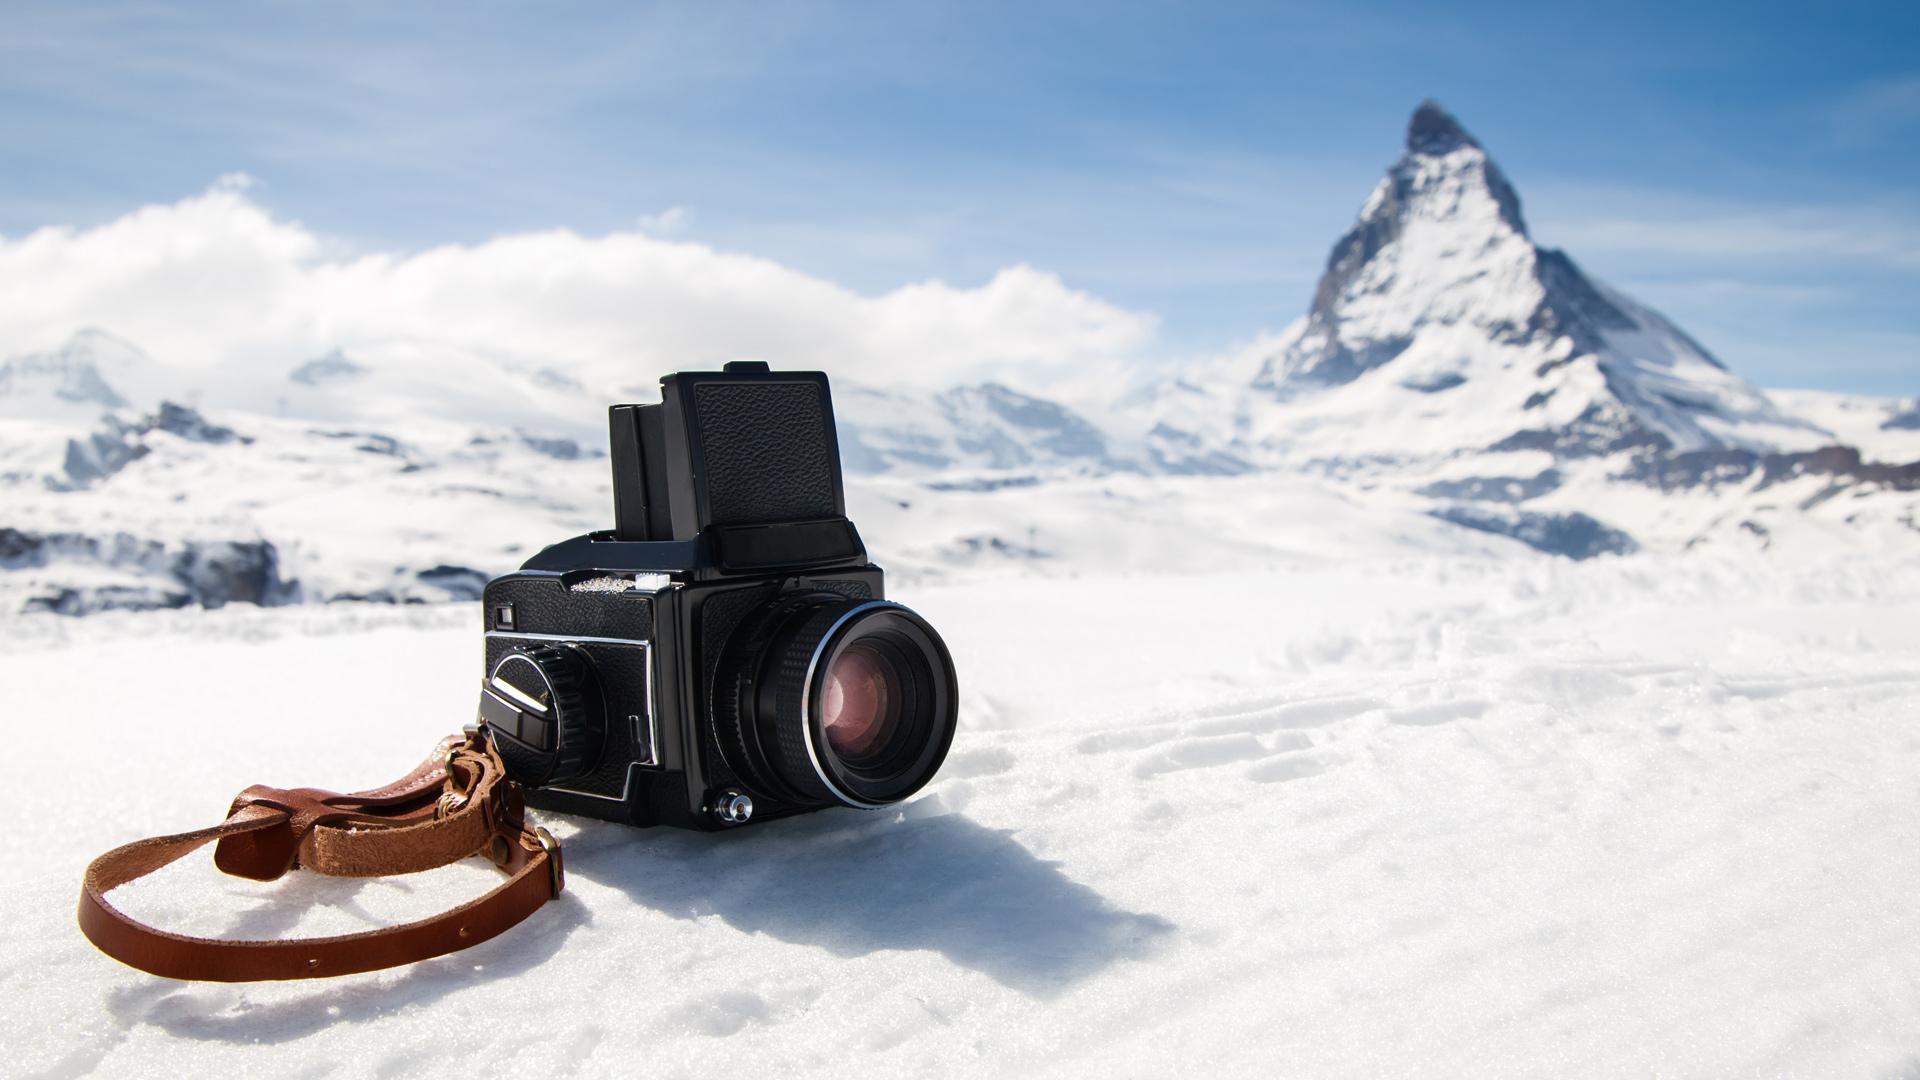 極寒下での撮影を考える ➖ 氷河撮影での試み